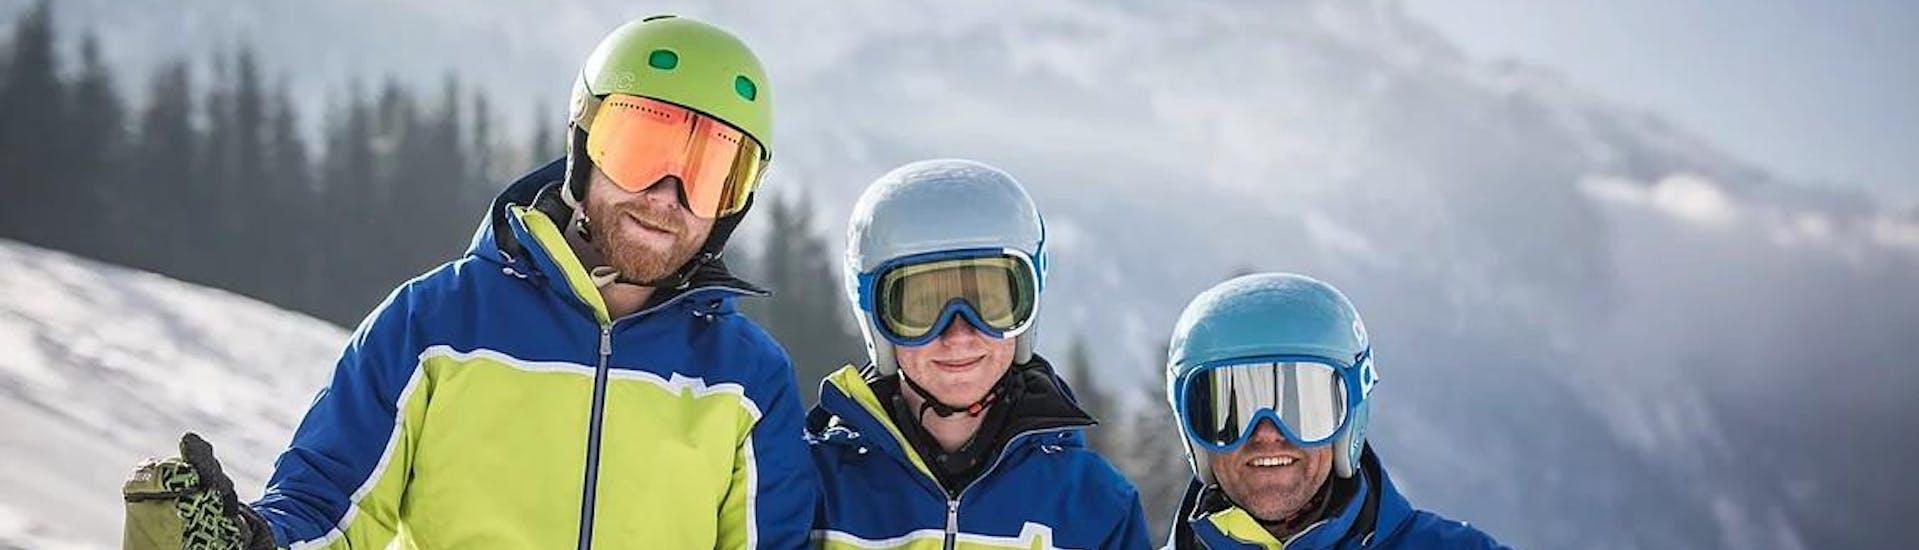 Cours particulier de ski Enfants pour Tous niveaux avec DeinSkicoach - Hero image